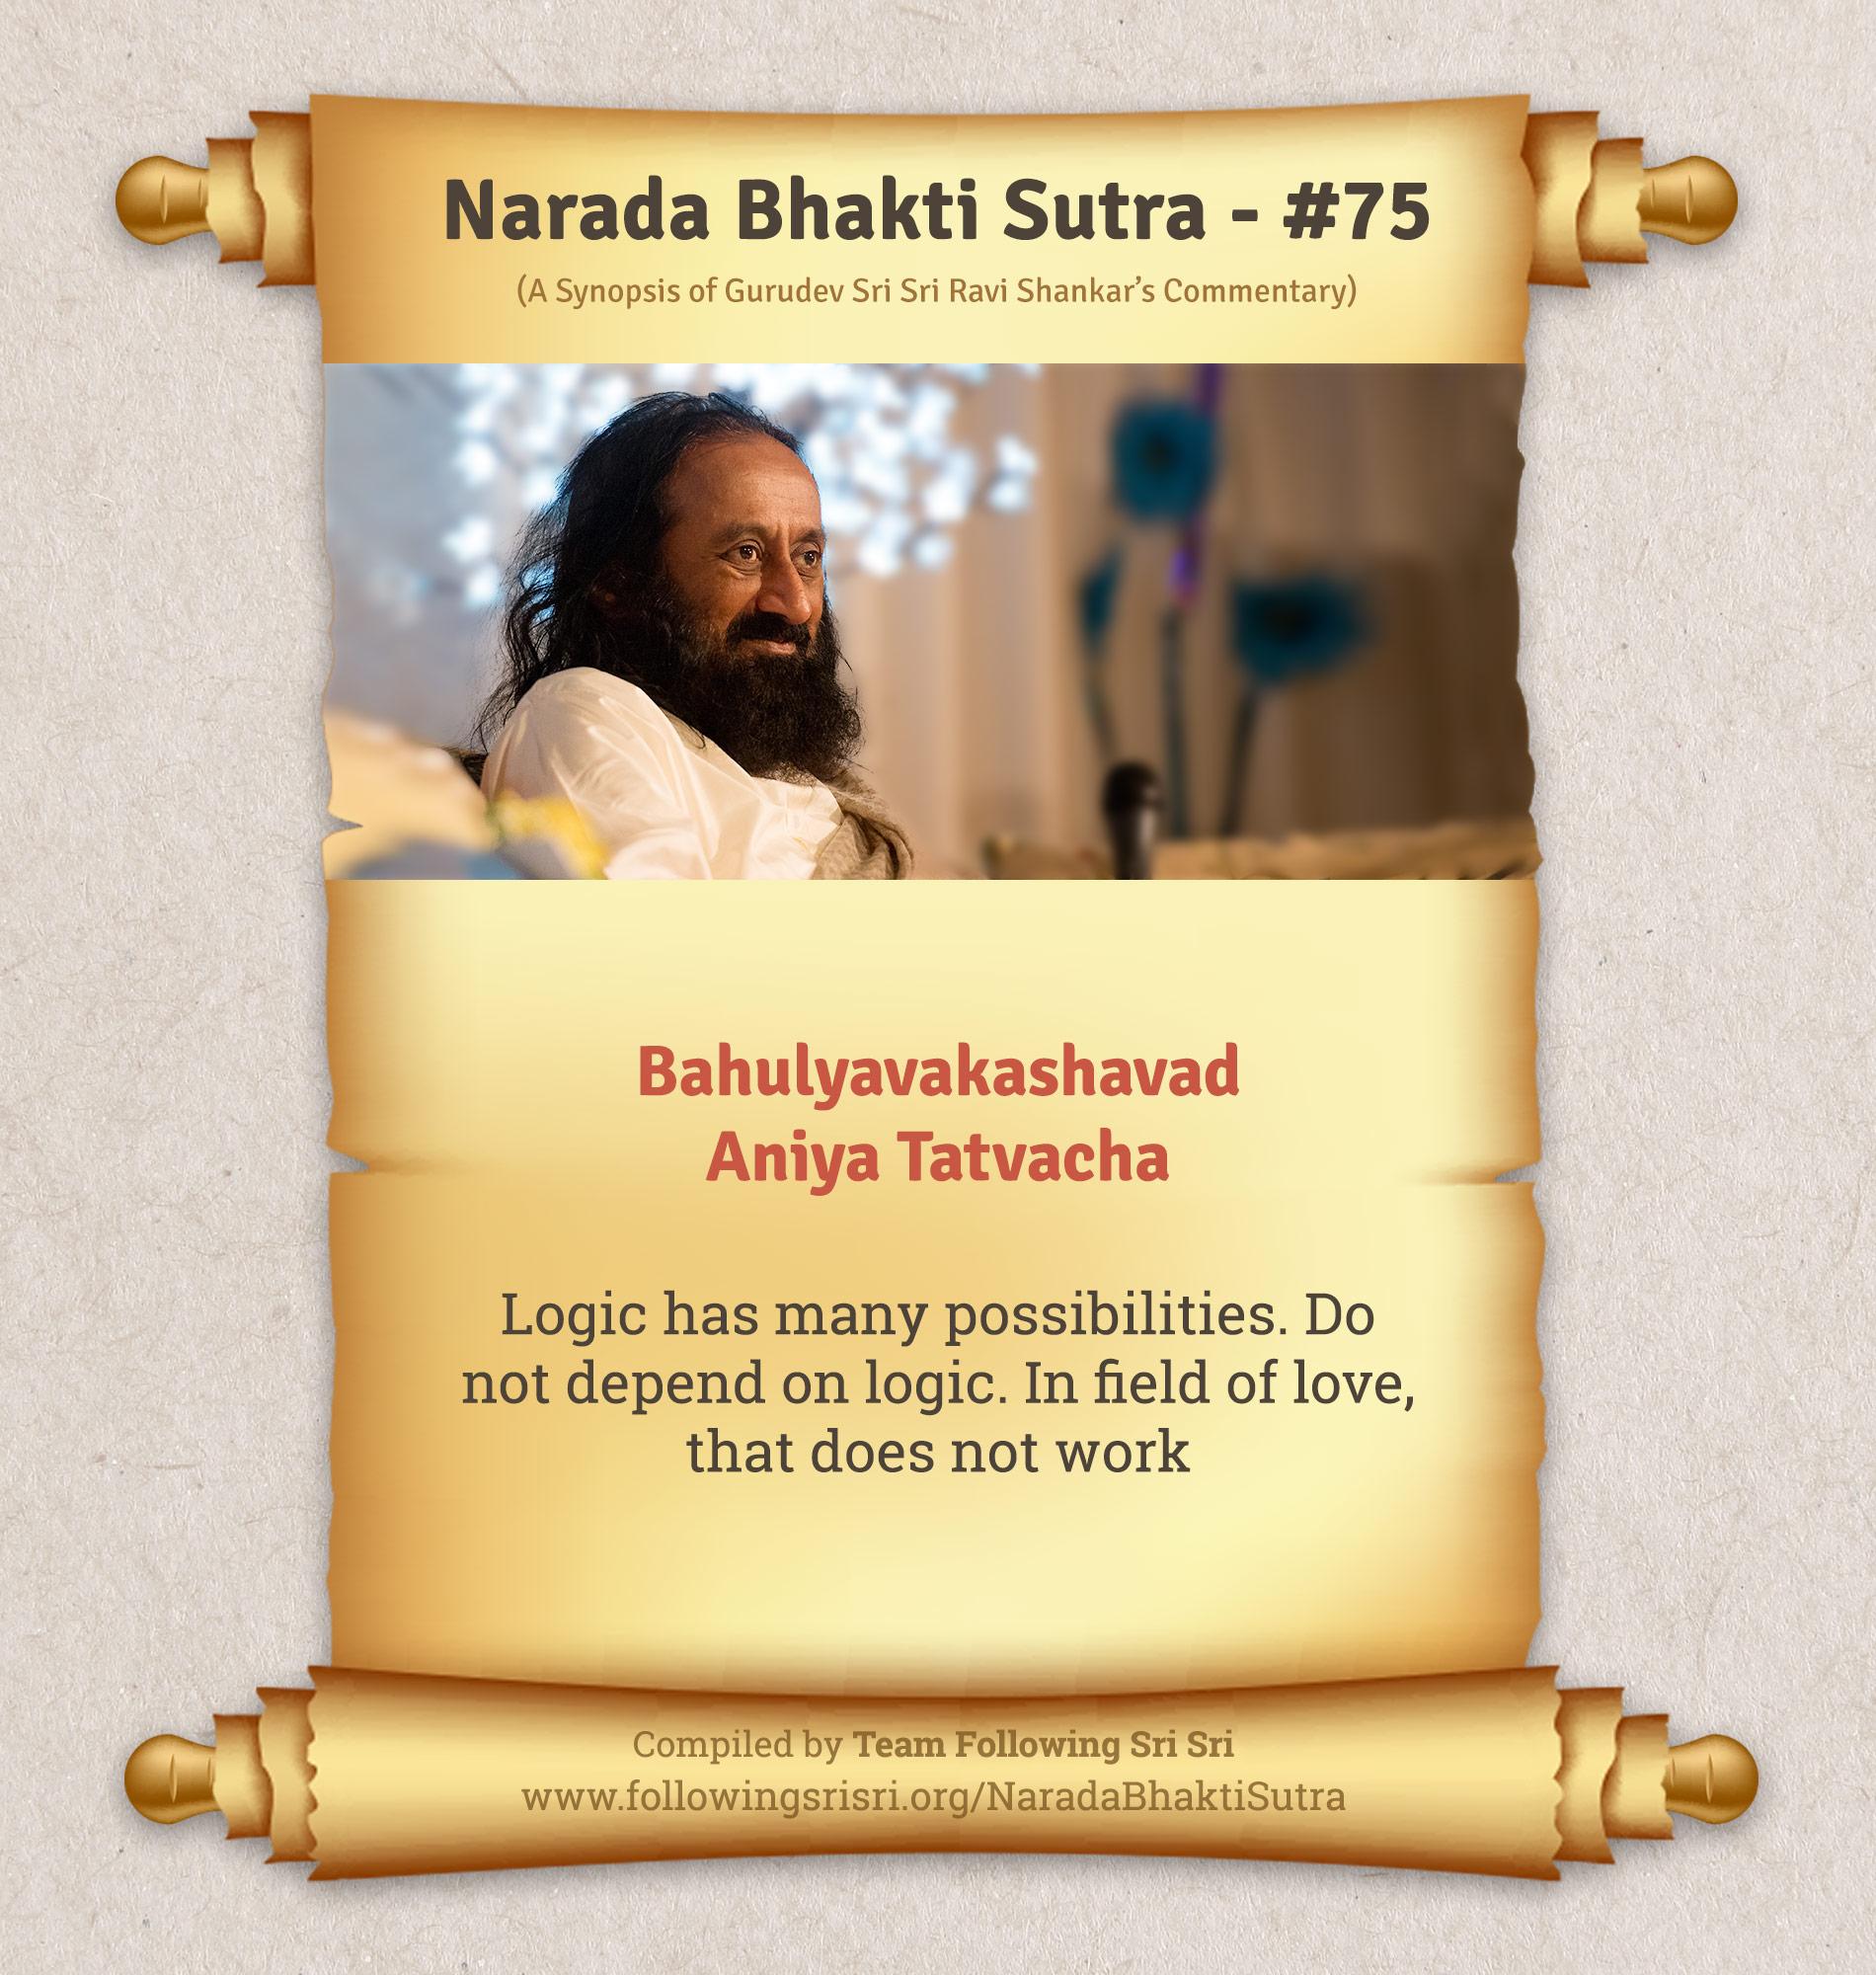 Narada Bhakti Sutras - Sutra 75